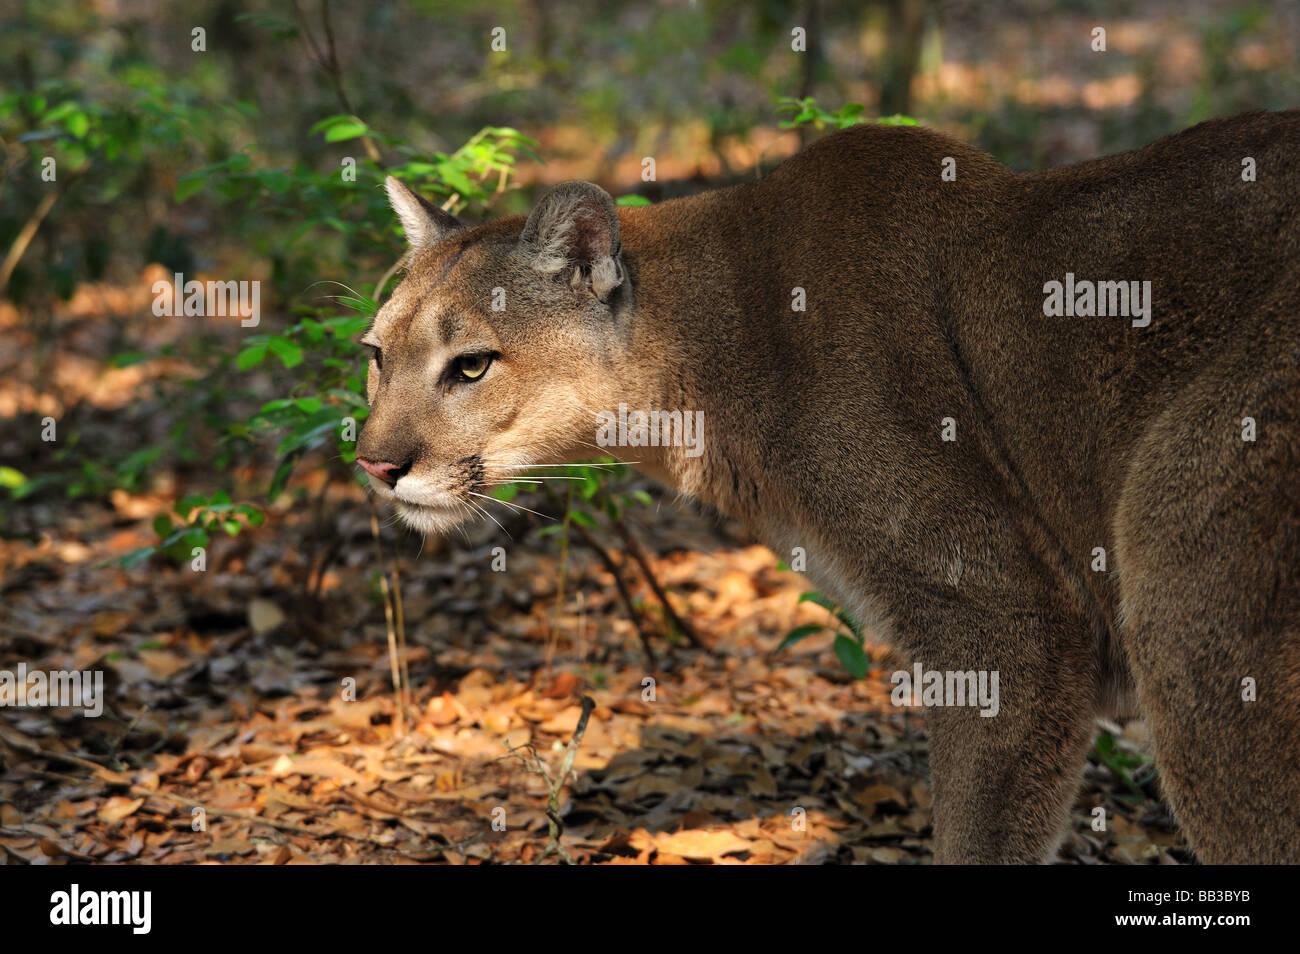 Florida Panther Puma Concolor Coryi Florida Captive Stock Image